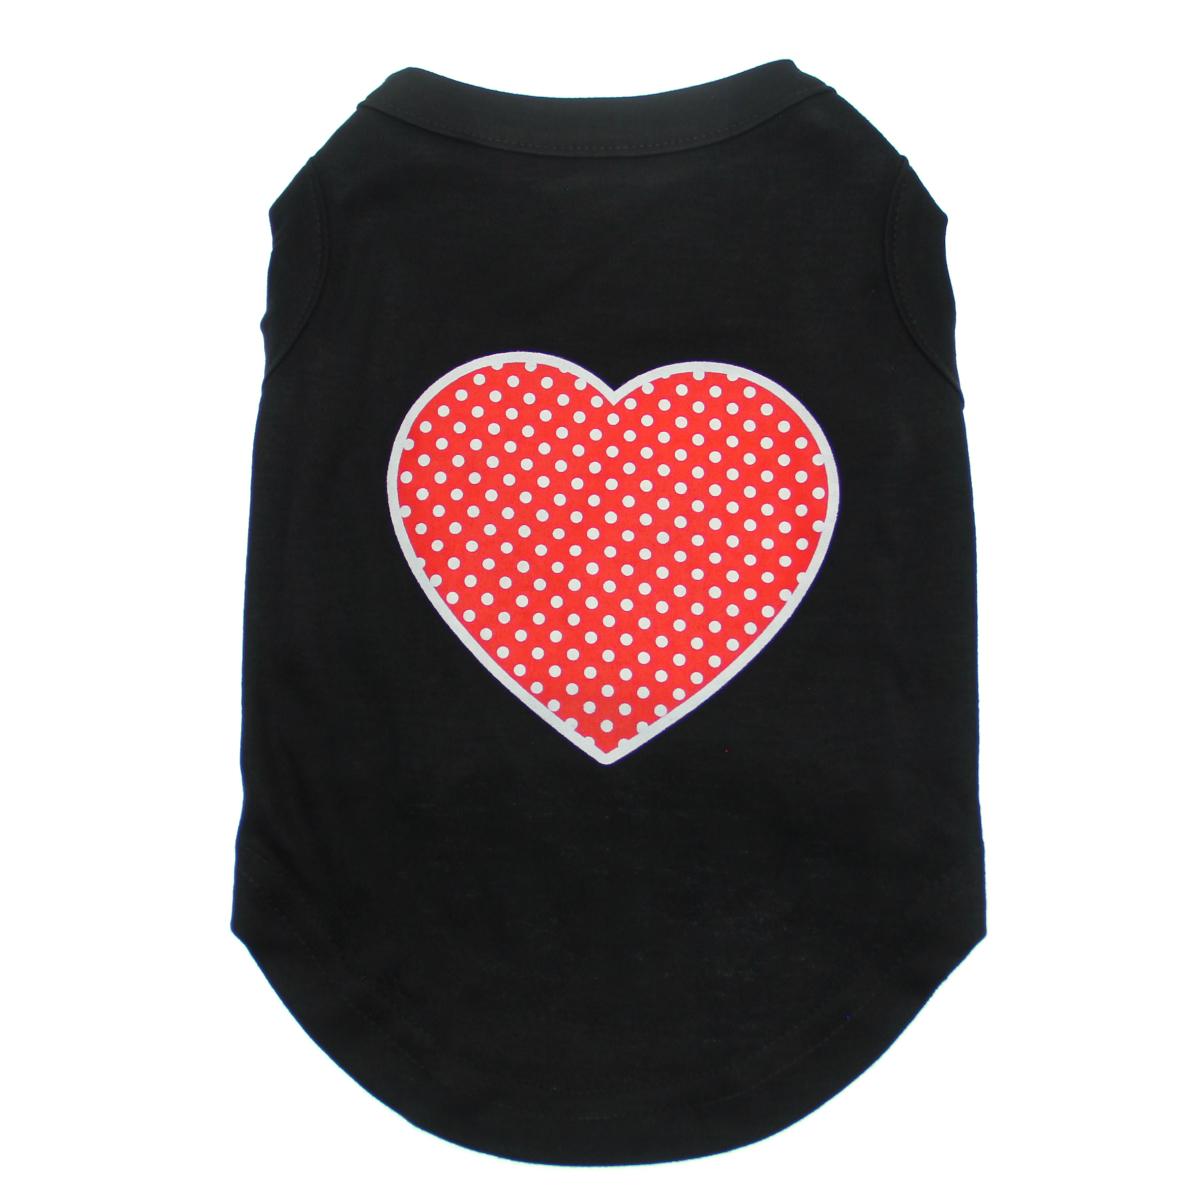 Red Swiss Dot Heart Dog Shirt - Black